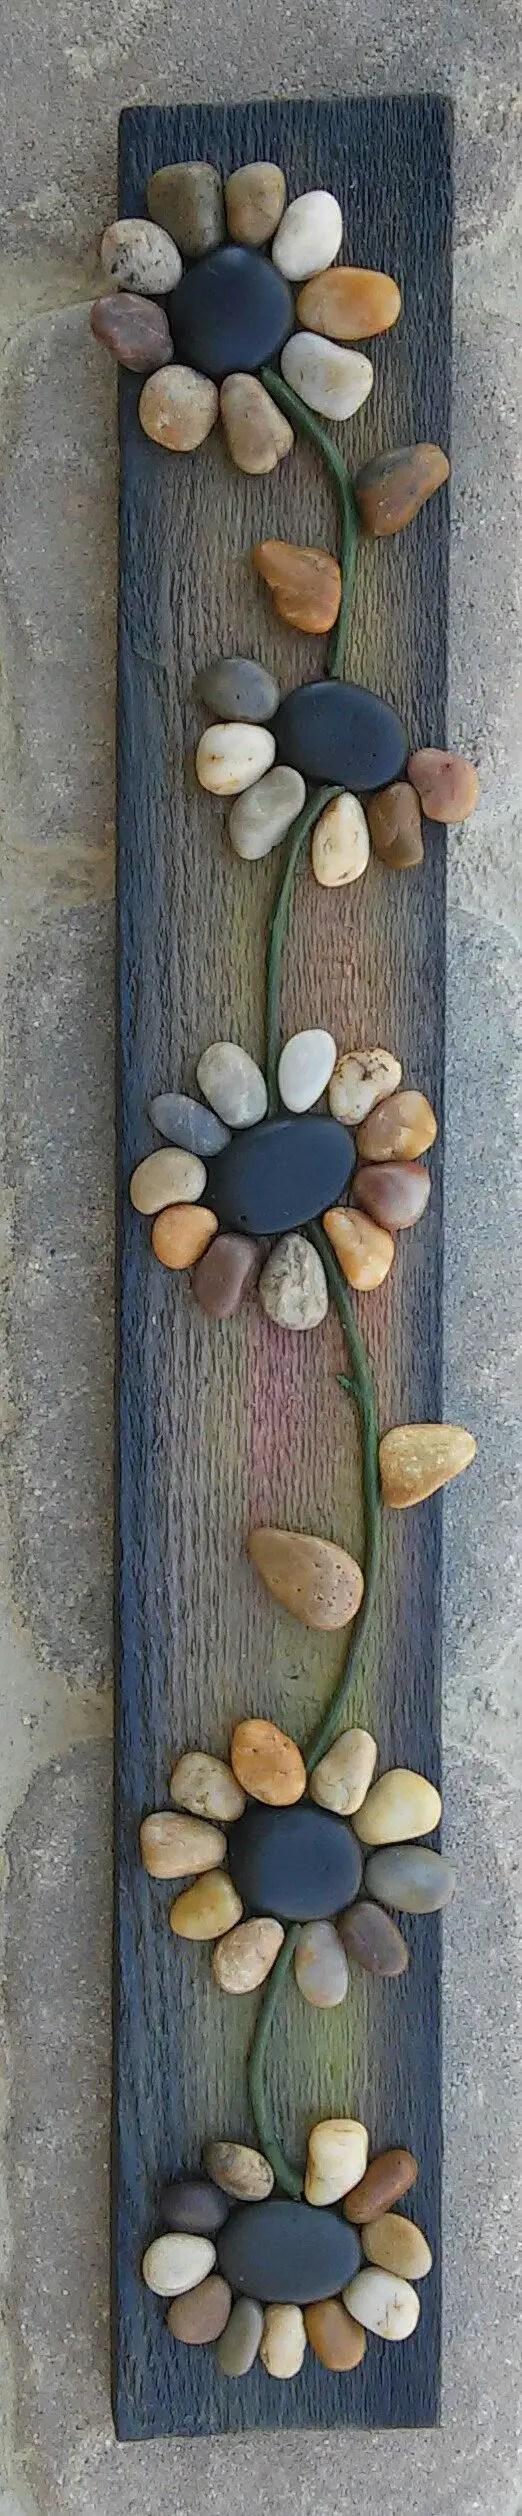 amenajarea gradinii cu pietris Pebble garden decoration ideas 6